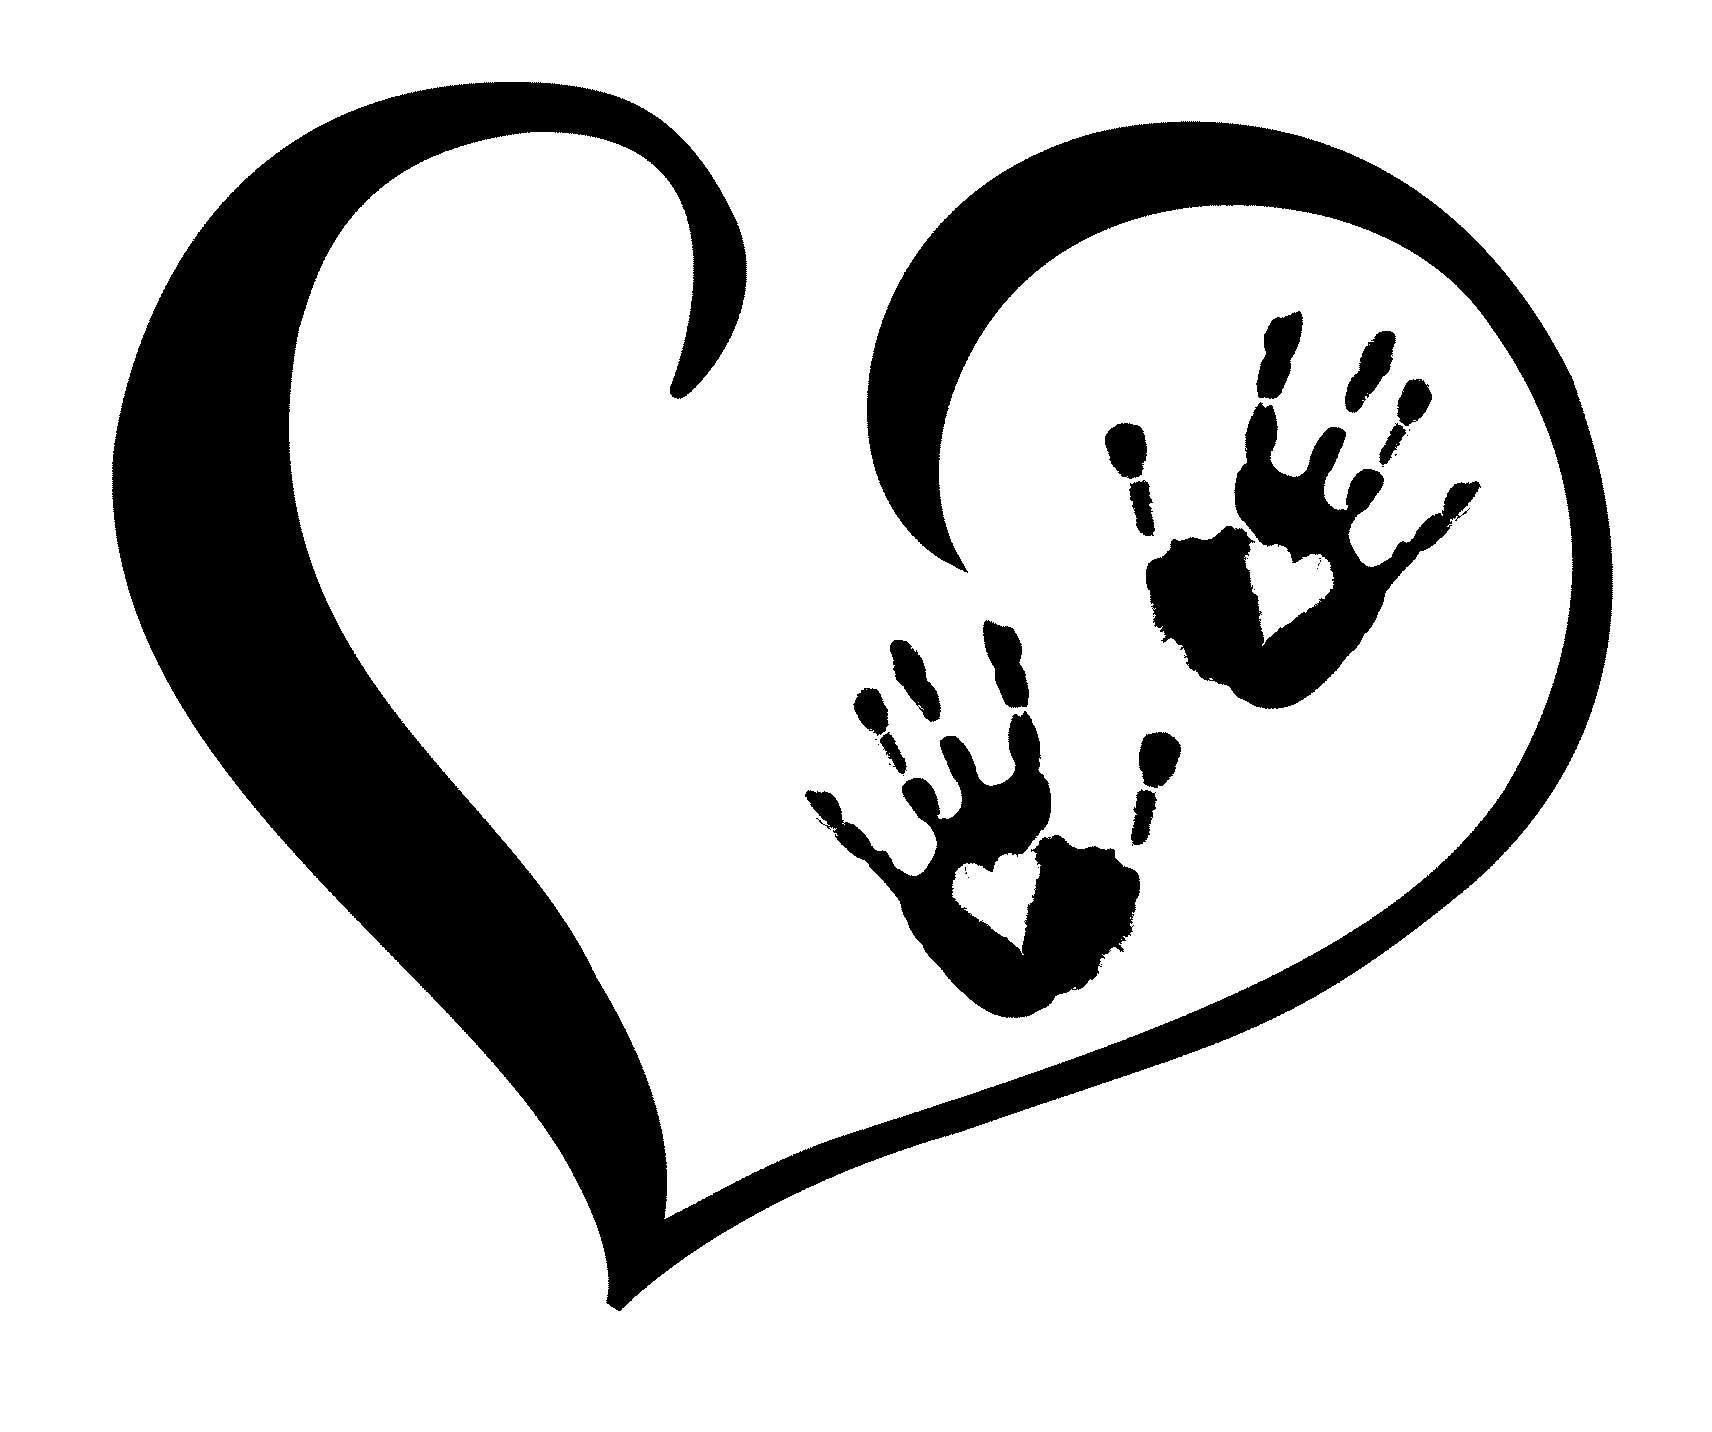 Baby Footprints In Heart